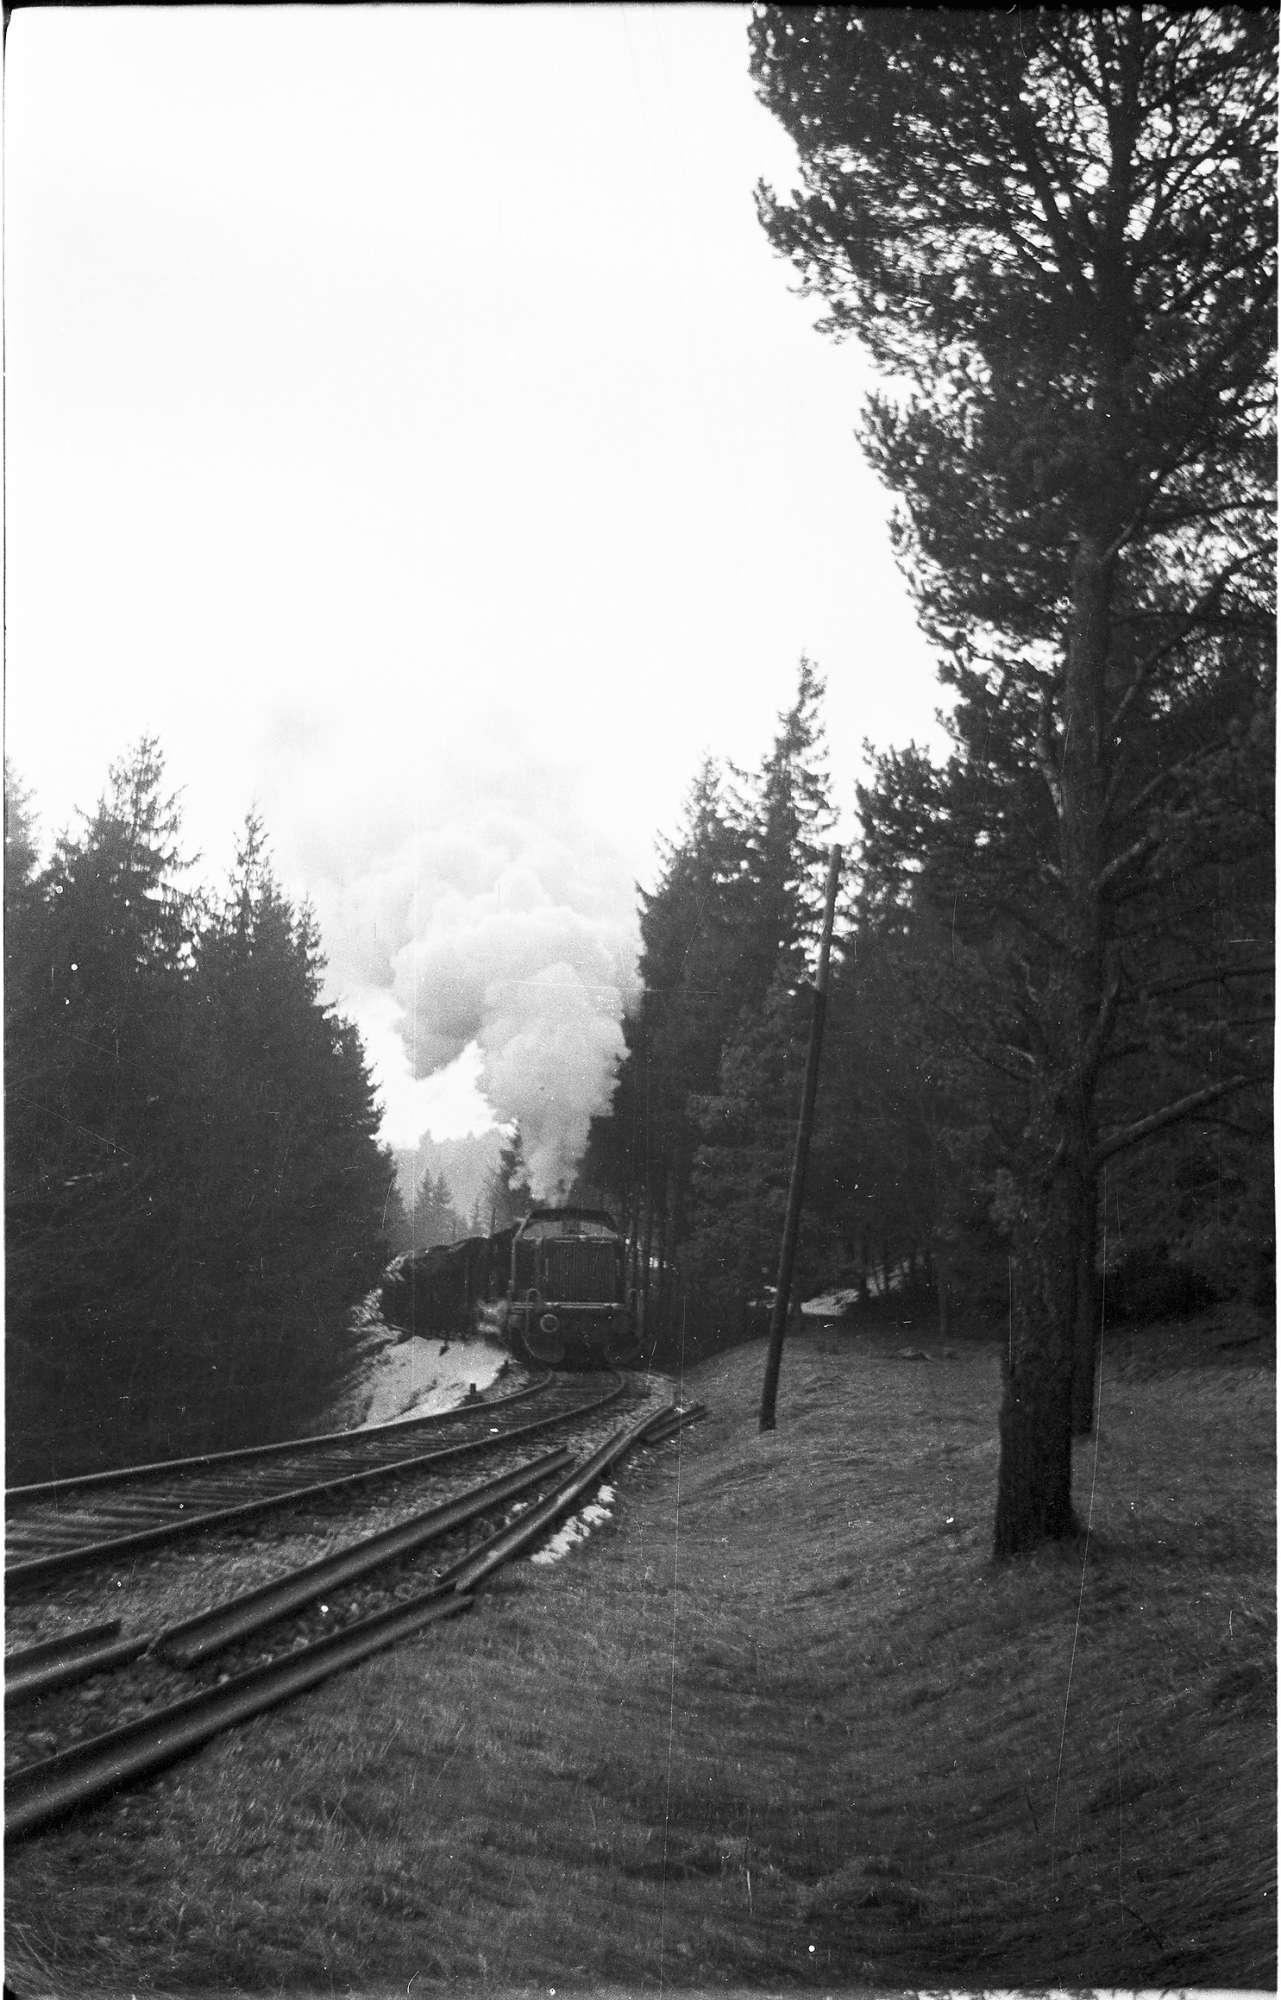 Diesellok V 82 und Dampflok 15, 313/ 308 b, Strecke Neufra - Gammertingen, die neuen Schienen der schweren Bauform S49 liegen bereit, Bild 1